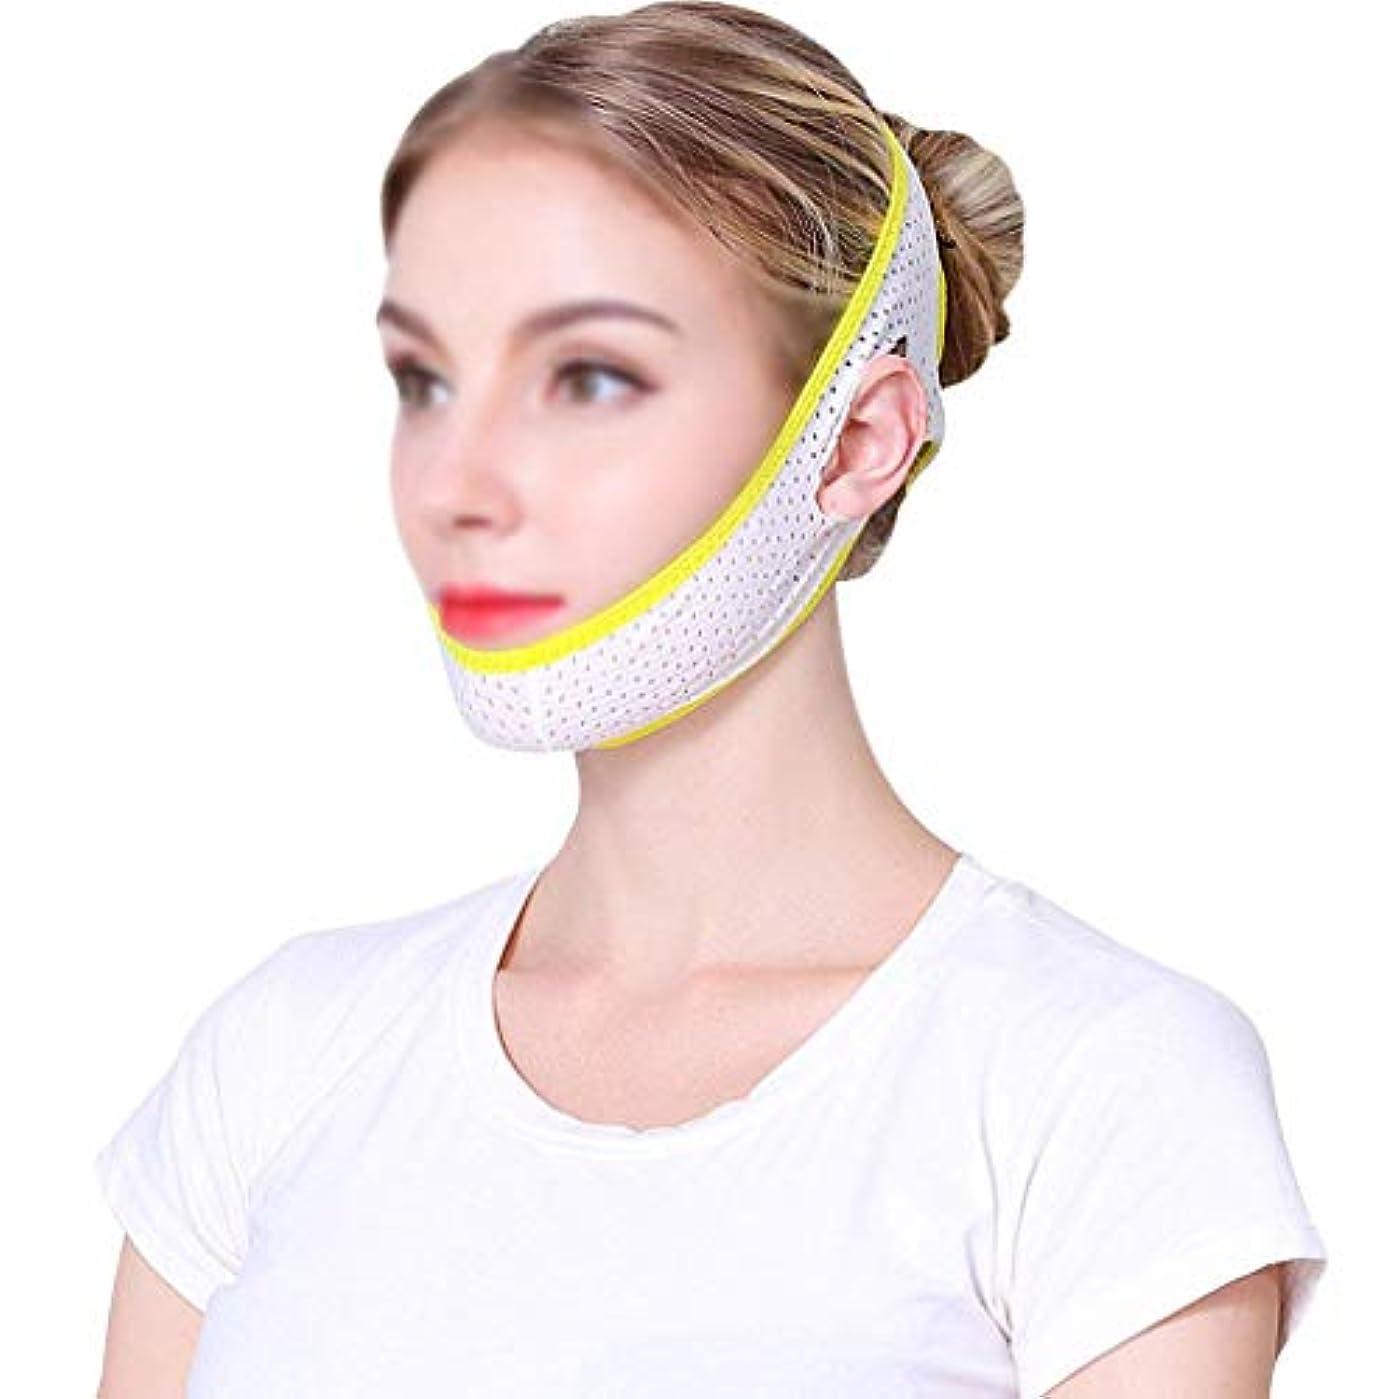 見る未来持ってるリフトマスクマスク、夏の通気性の薄いセクションダブルチンストラップVフェイス薄いフェイスマスク